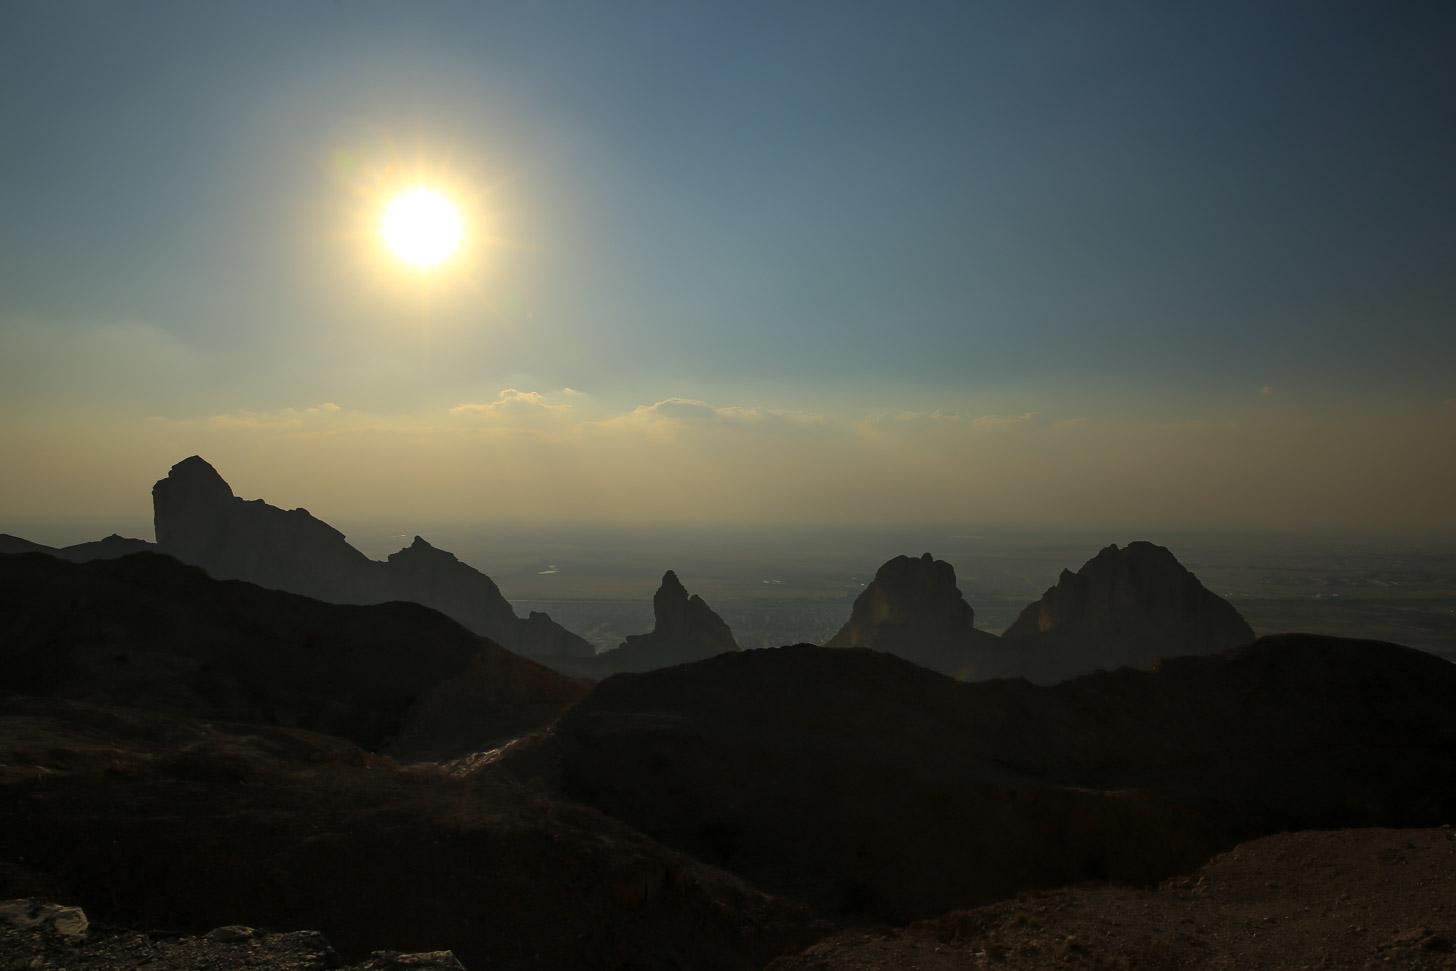 Al Ain weer & klimaat